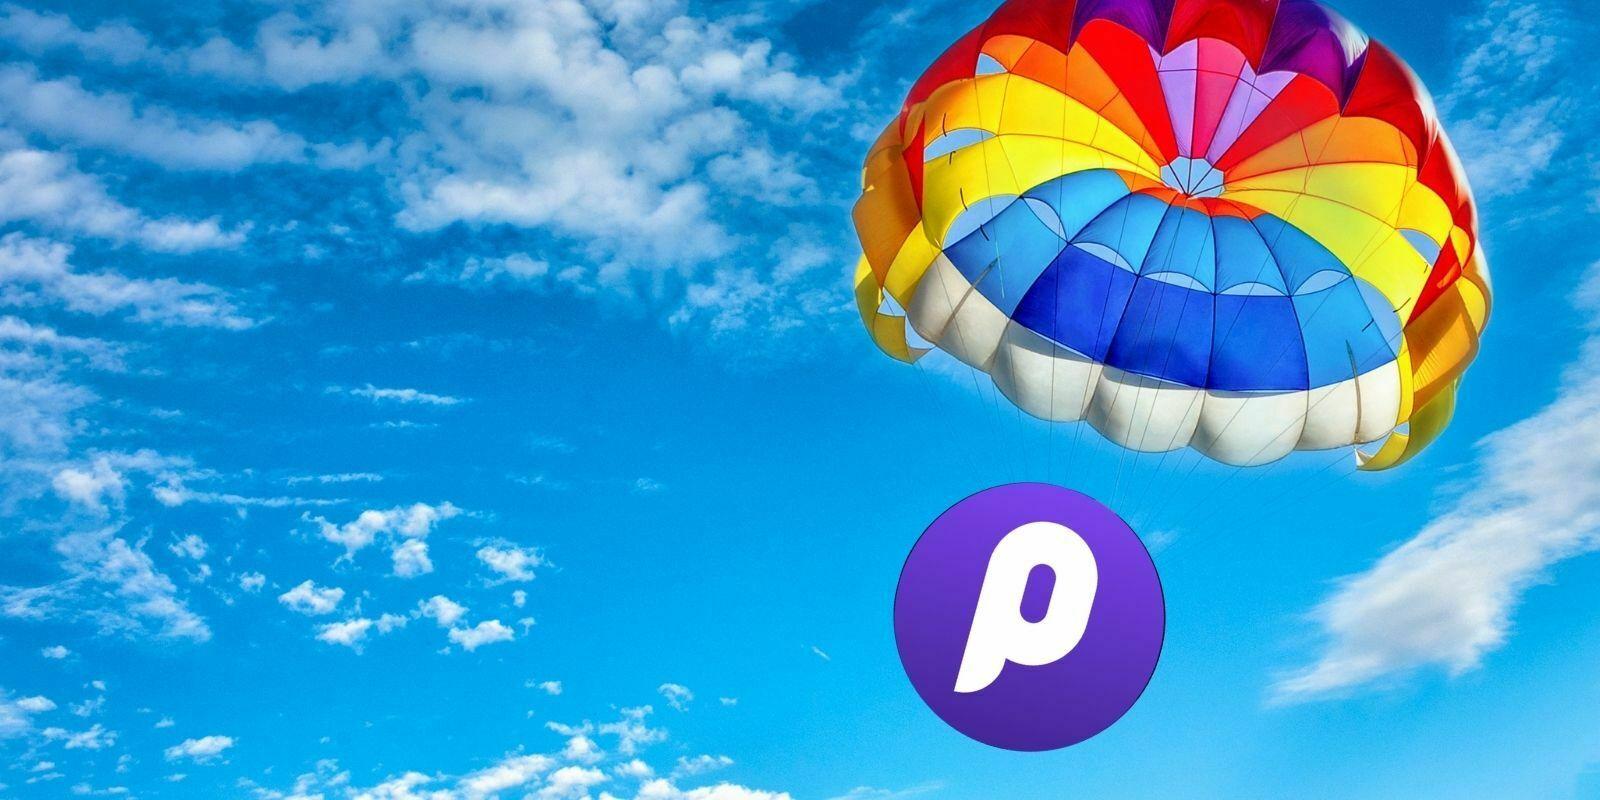 La loterie décentralisée PoolTogether (POOL) réalise un airdrop de son nouveau token